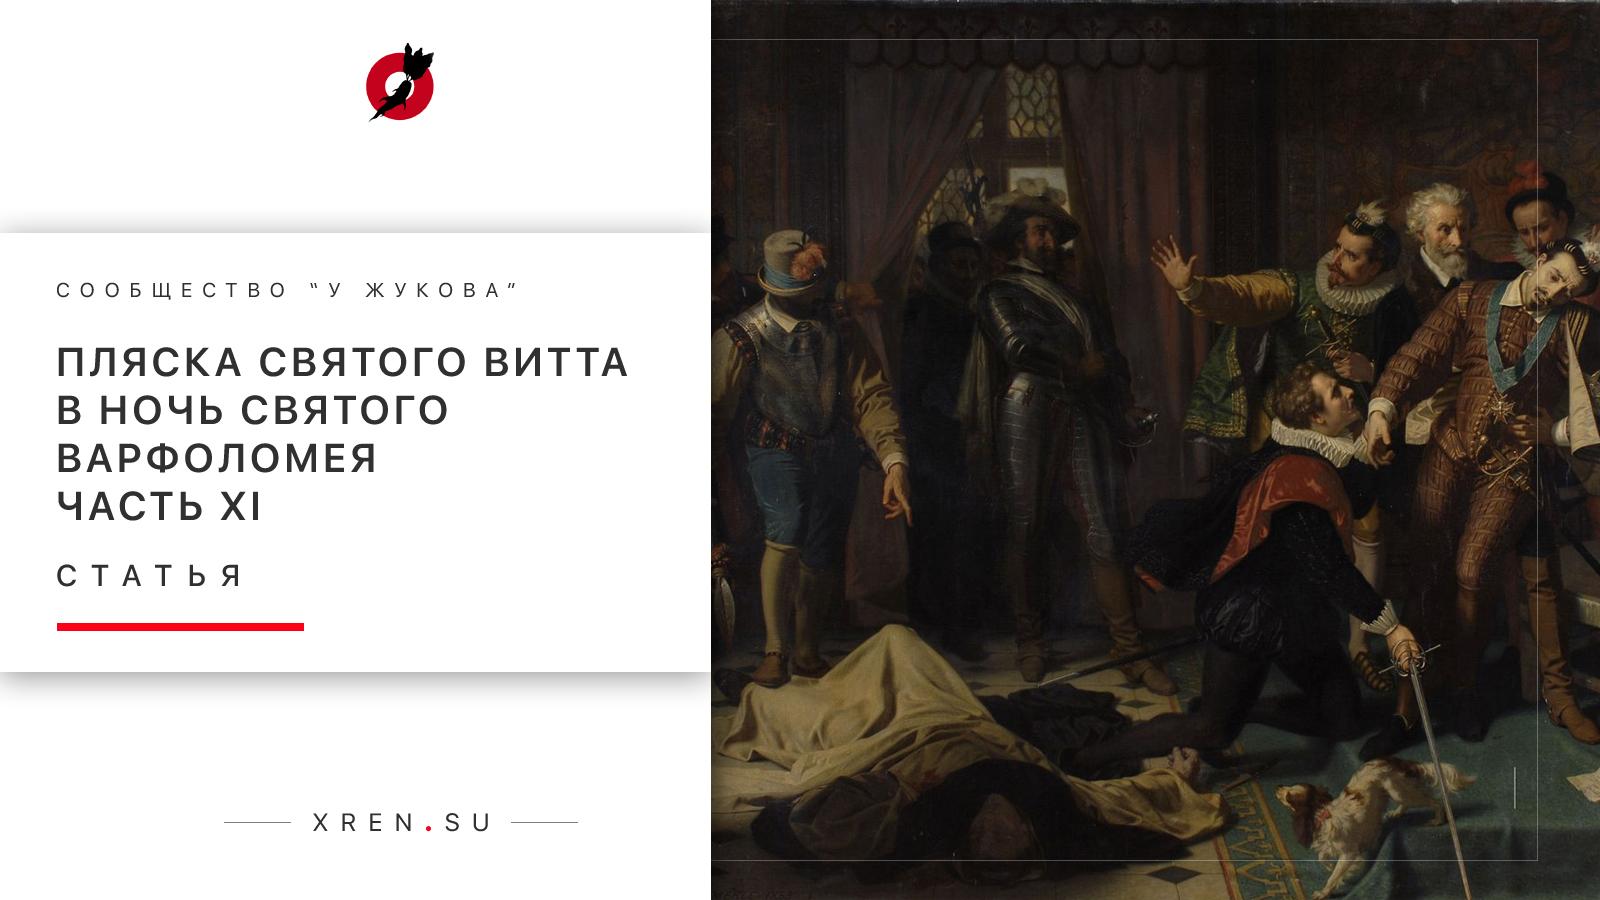 Пляска Святого Витта в ночь святого Варфоломея. Часть 11